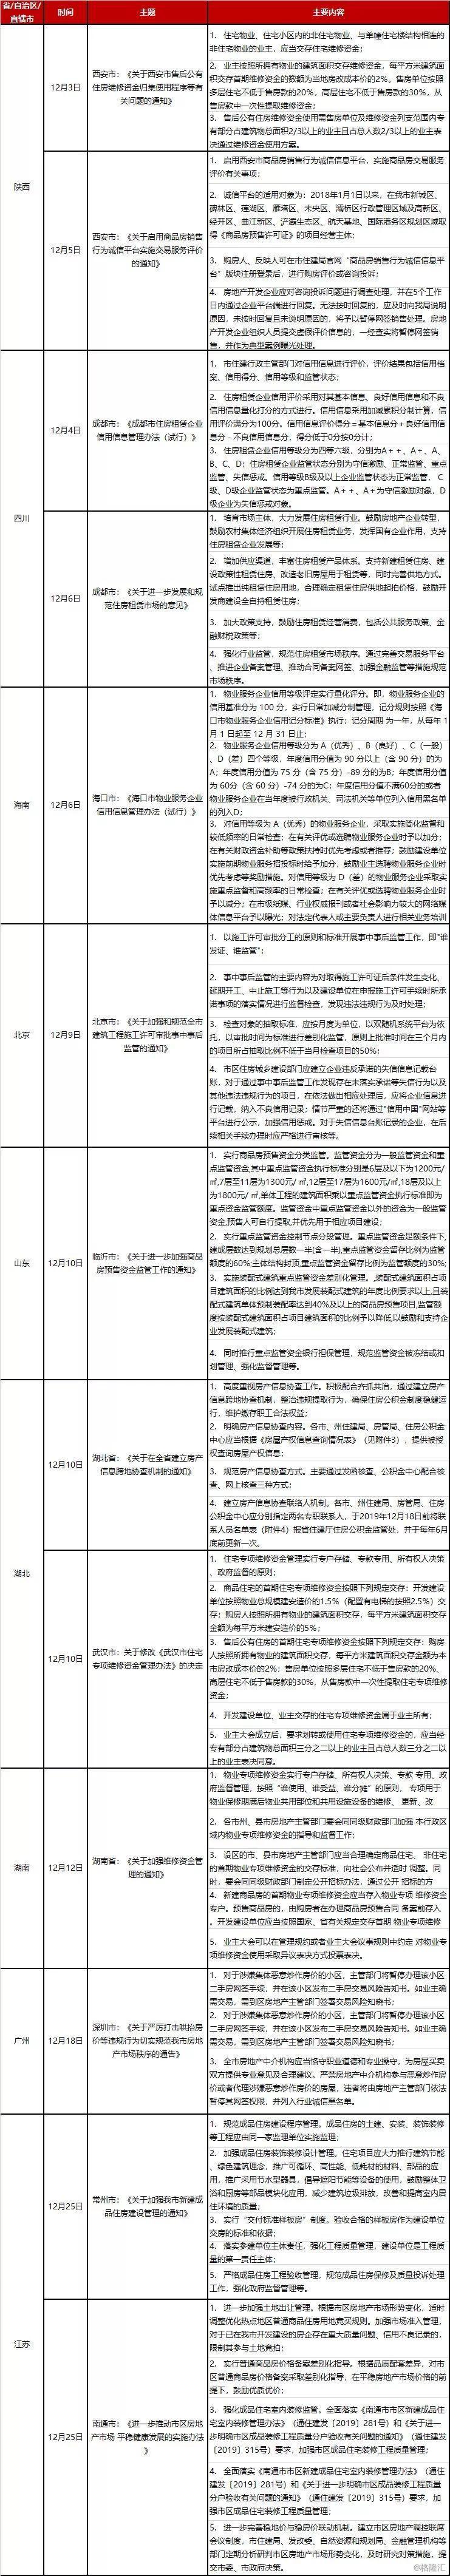 2019年12月全国房地产政策变动监测报告